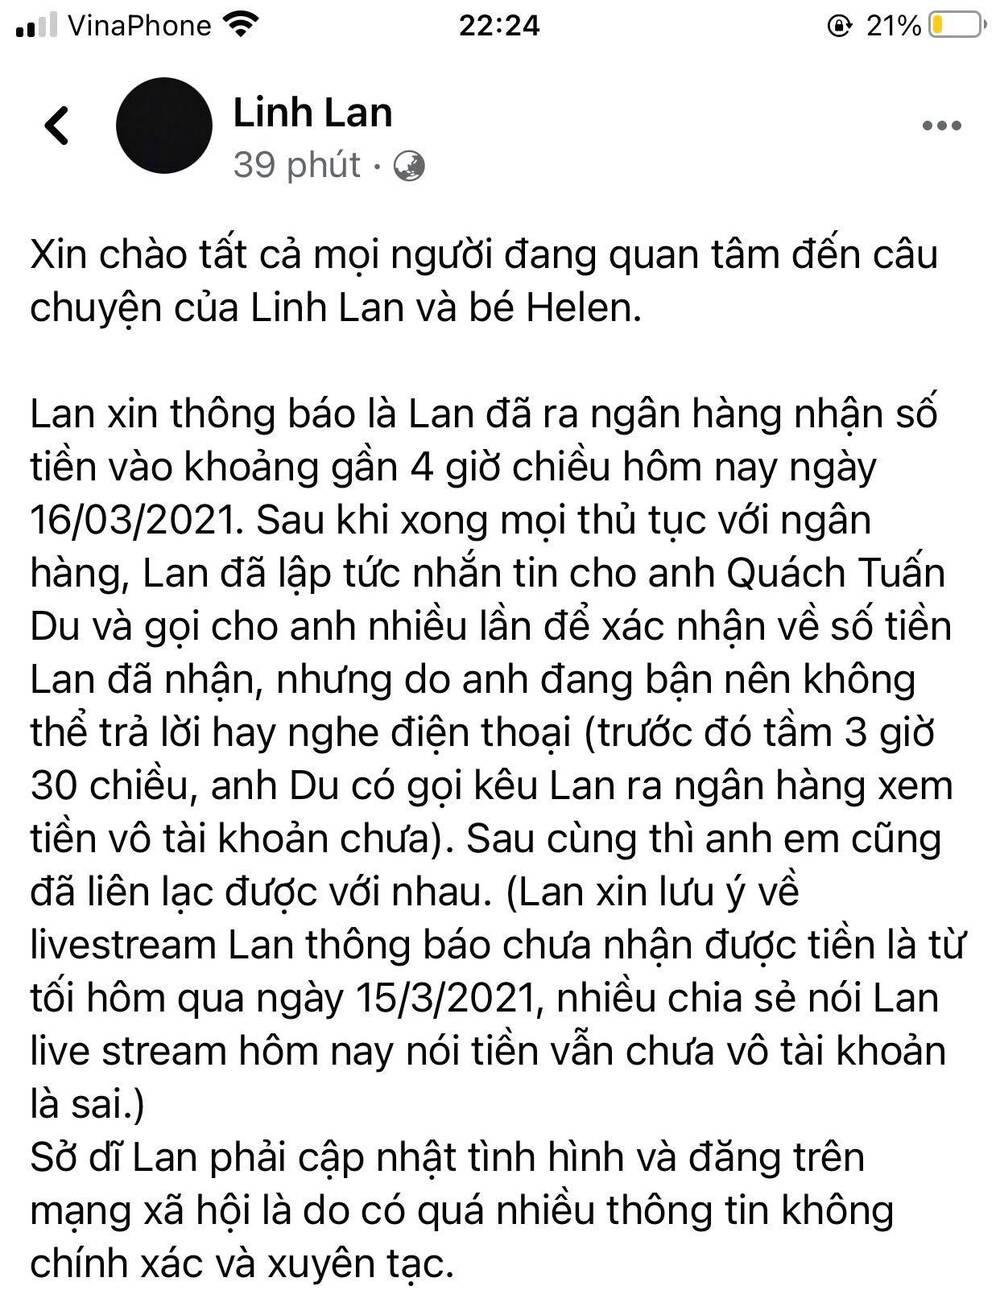 Vợ cố nghệ sĩ Vân Quang Long tung bằng chứng làm rõ ồn ào nhận tiền từ Quách Tuấn Du